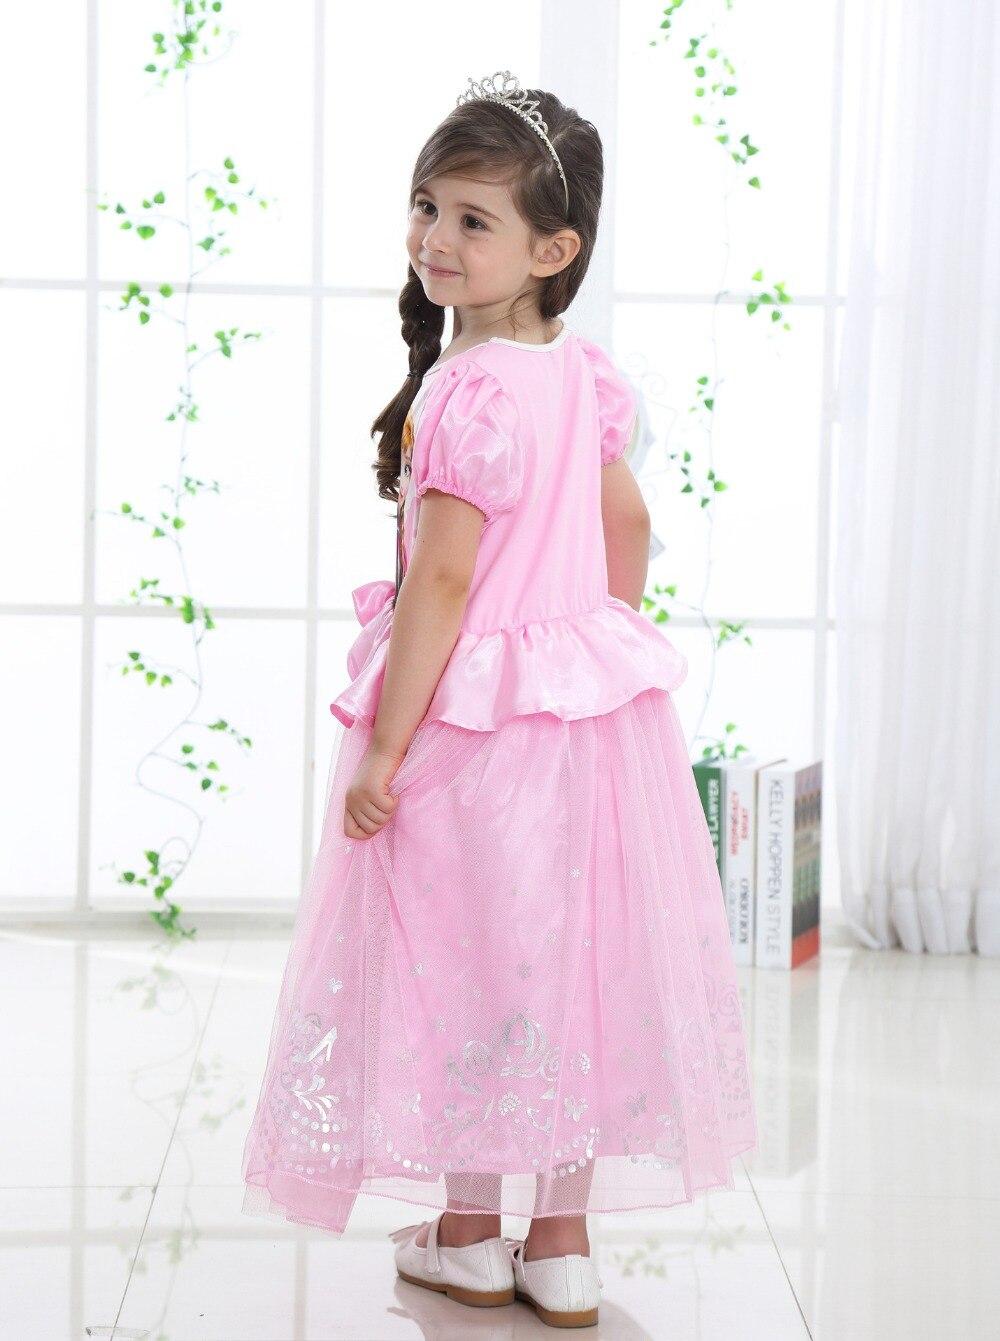 Groß Kleiden Meine Partei Zeitgenössisch - Hochzeit Kleid Stile ...